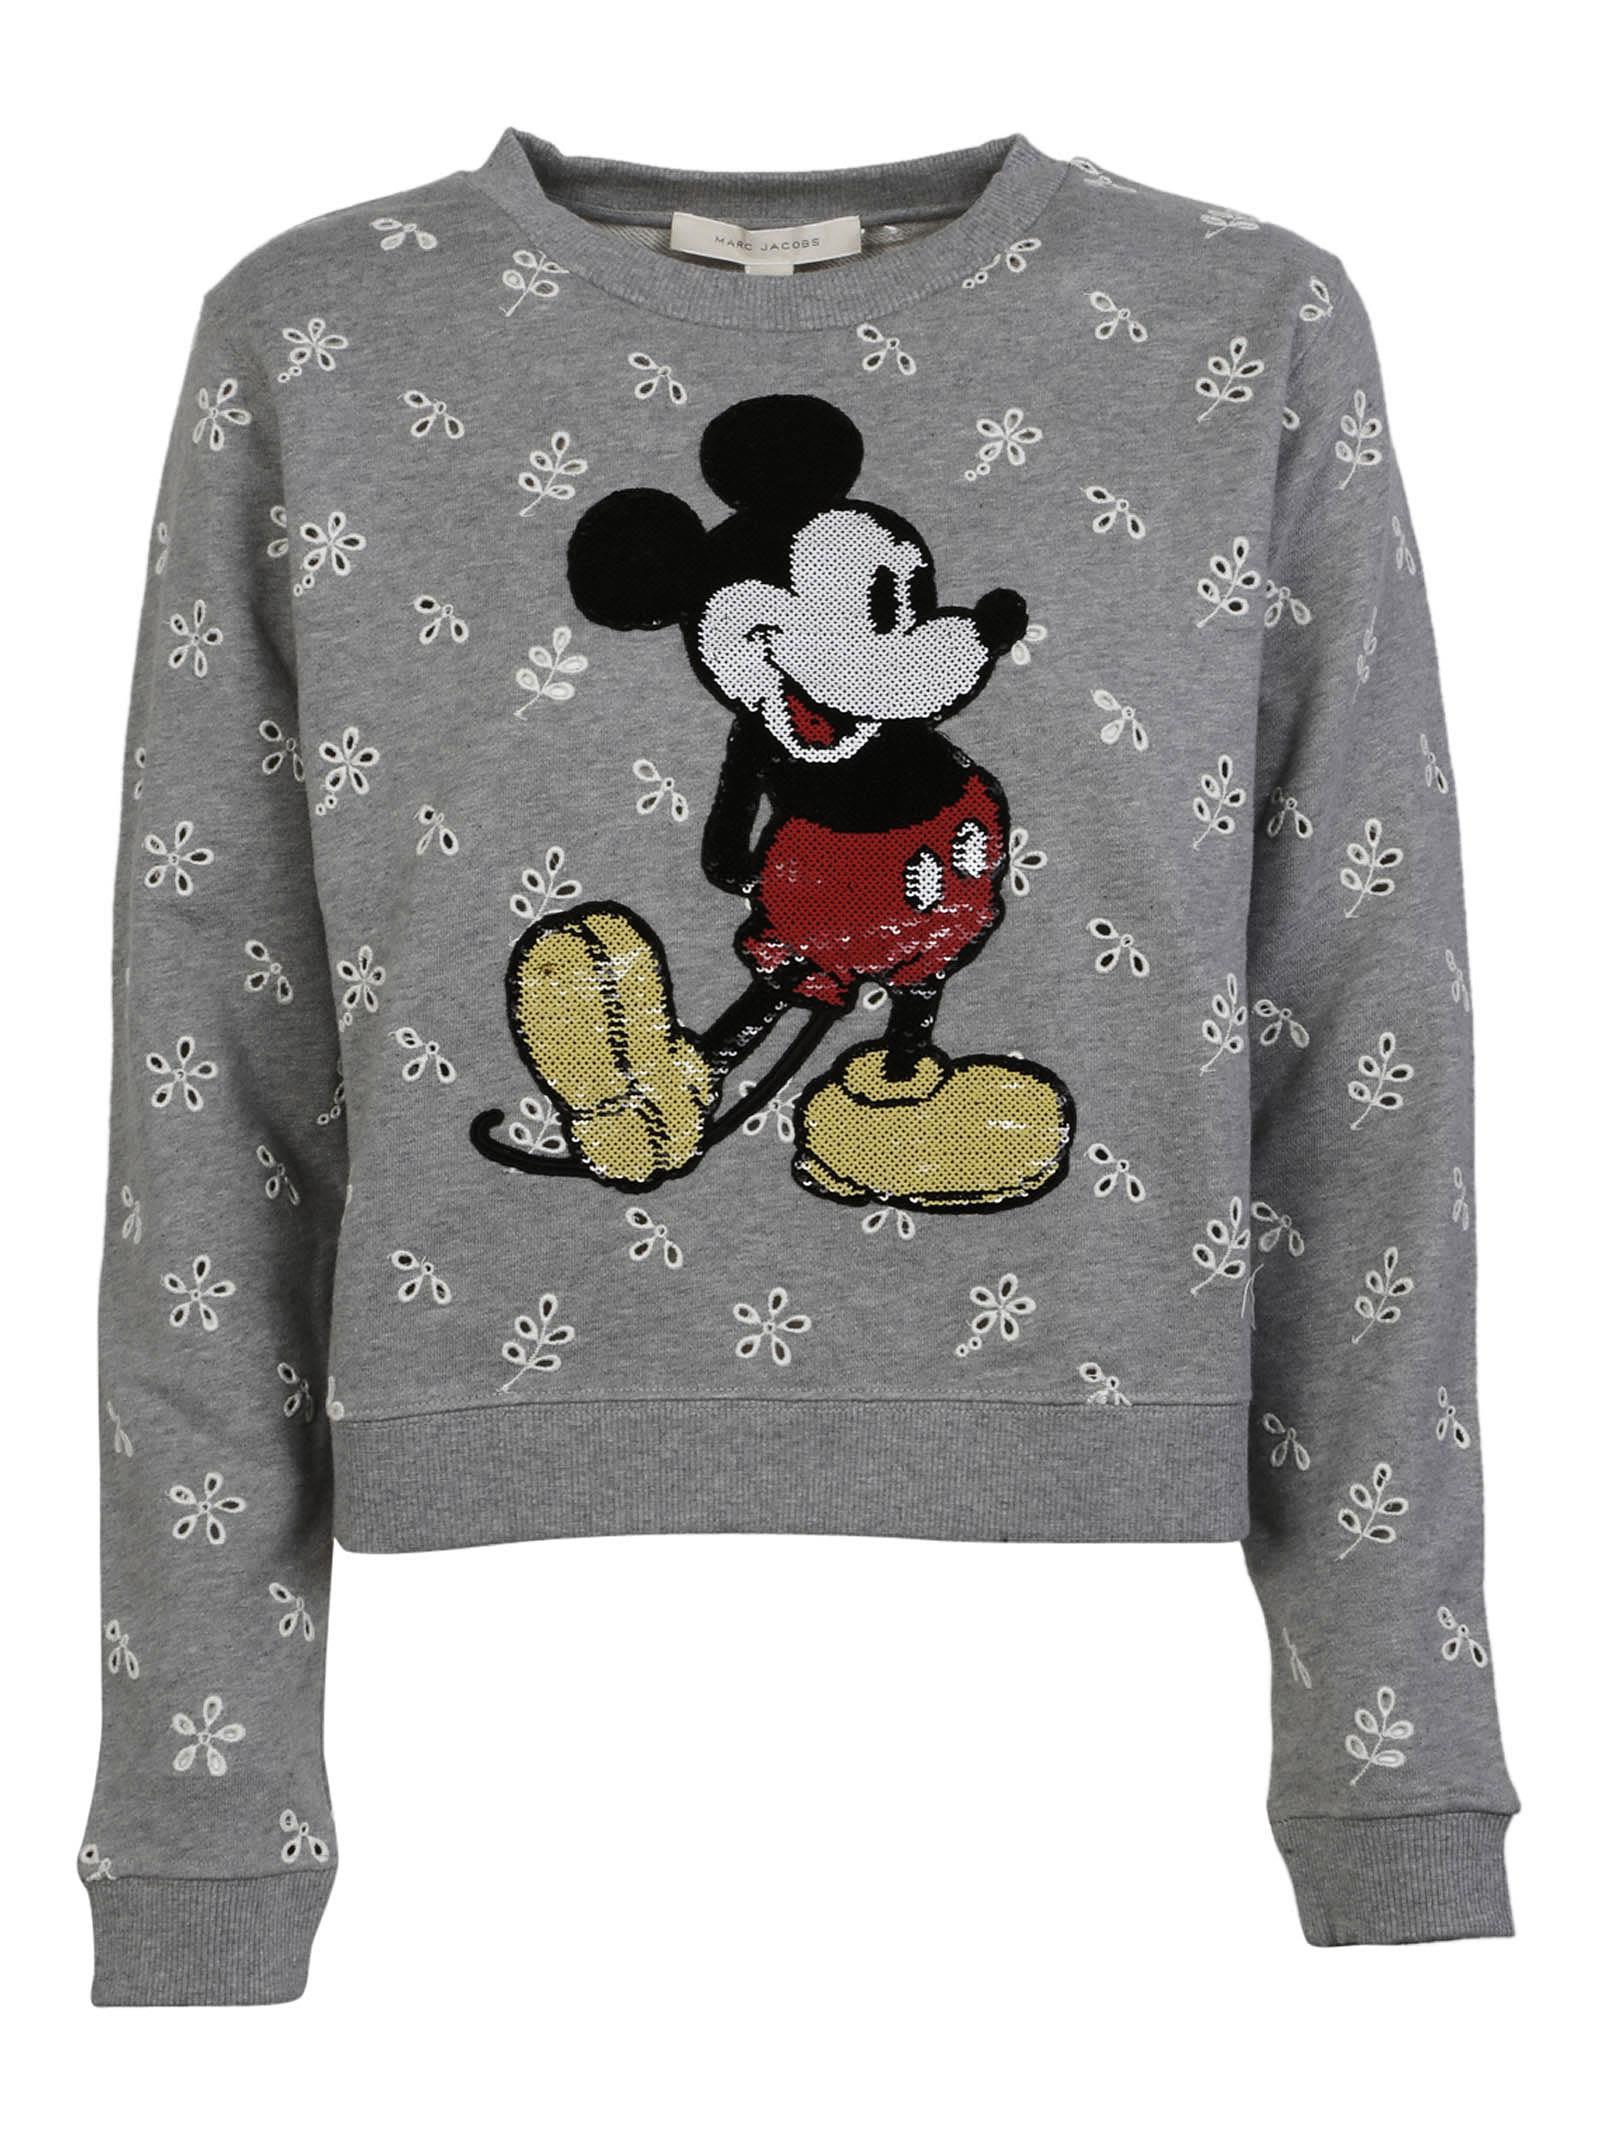 Marc Jacobs Shrunken Eyelet Sequin Mickey Sweatshirt